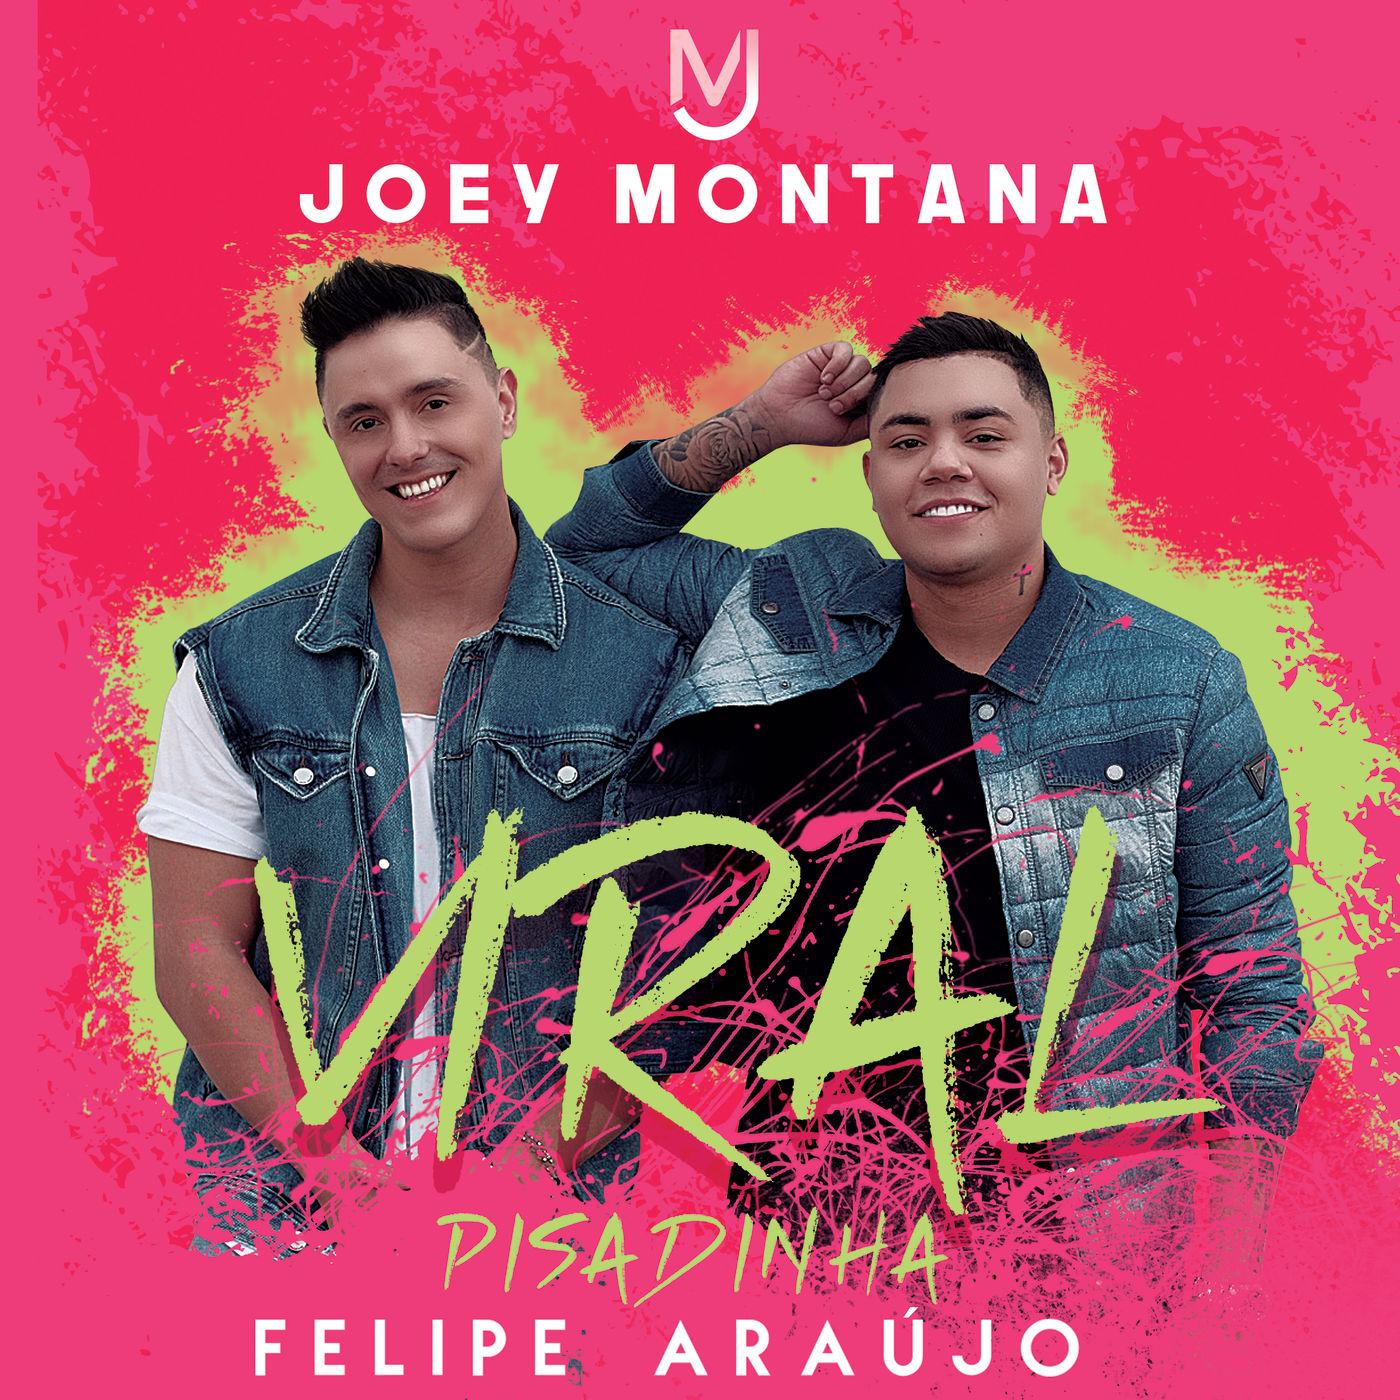 Joey Montana & Felipe Araujo - Viral Pisadinha